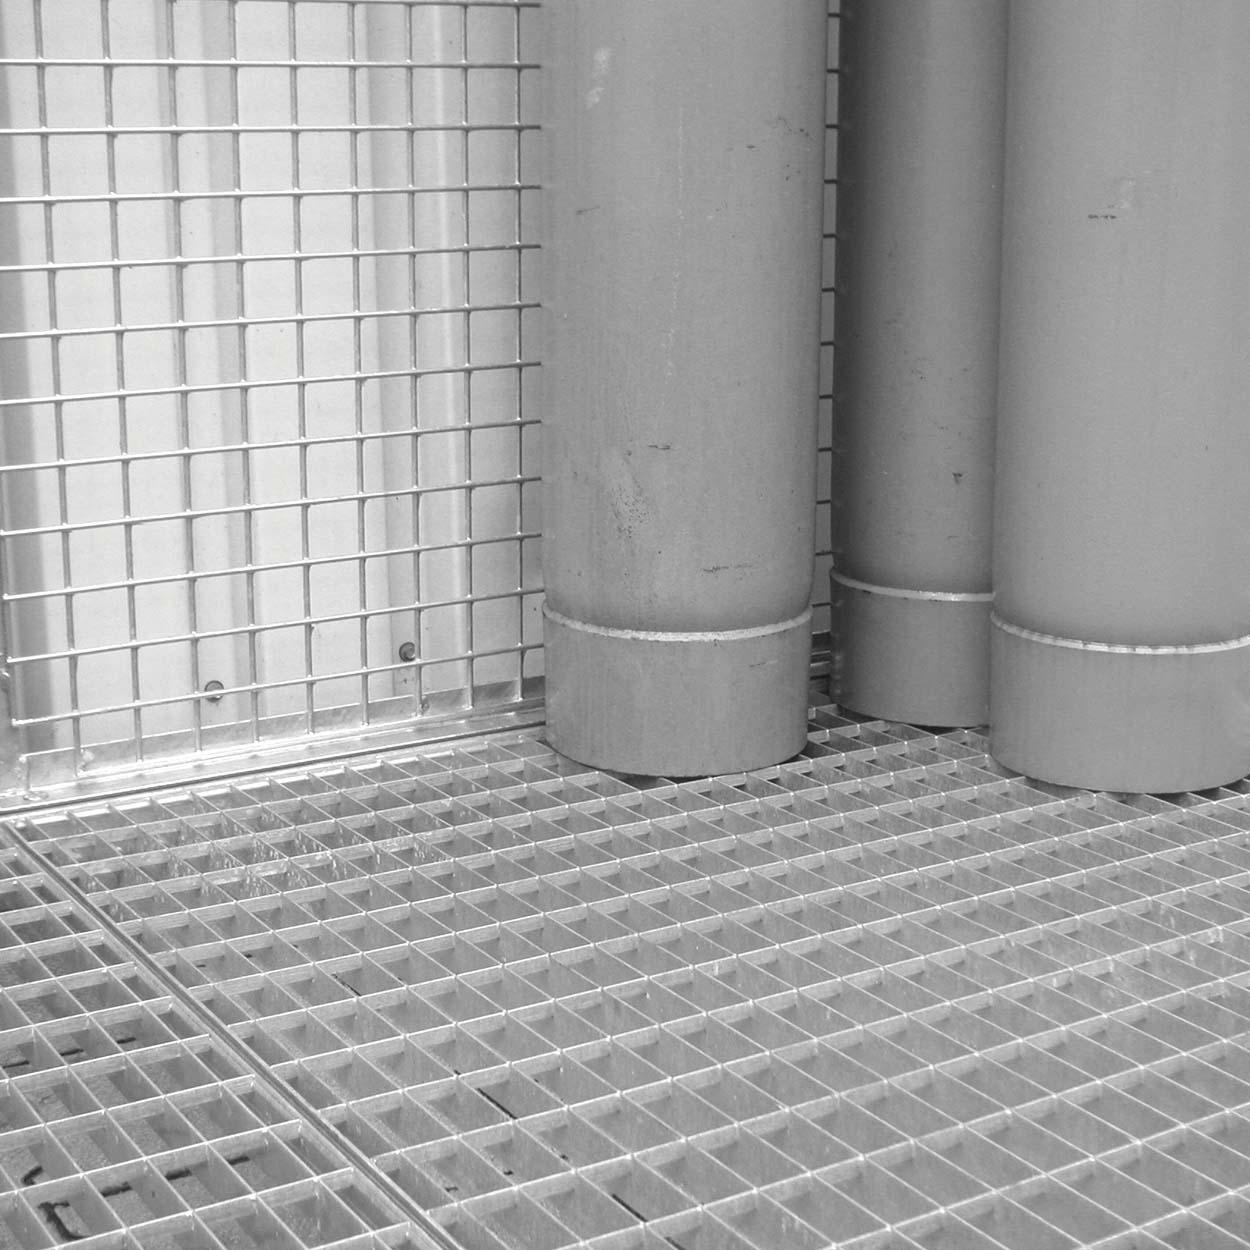 Płyty kratowe do klatek bez podłogi, do przechowywania butli gazowych